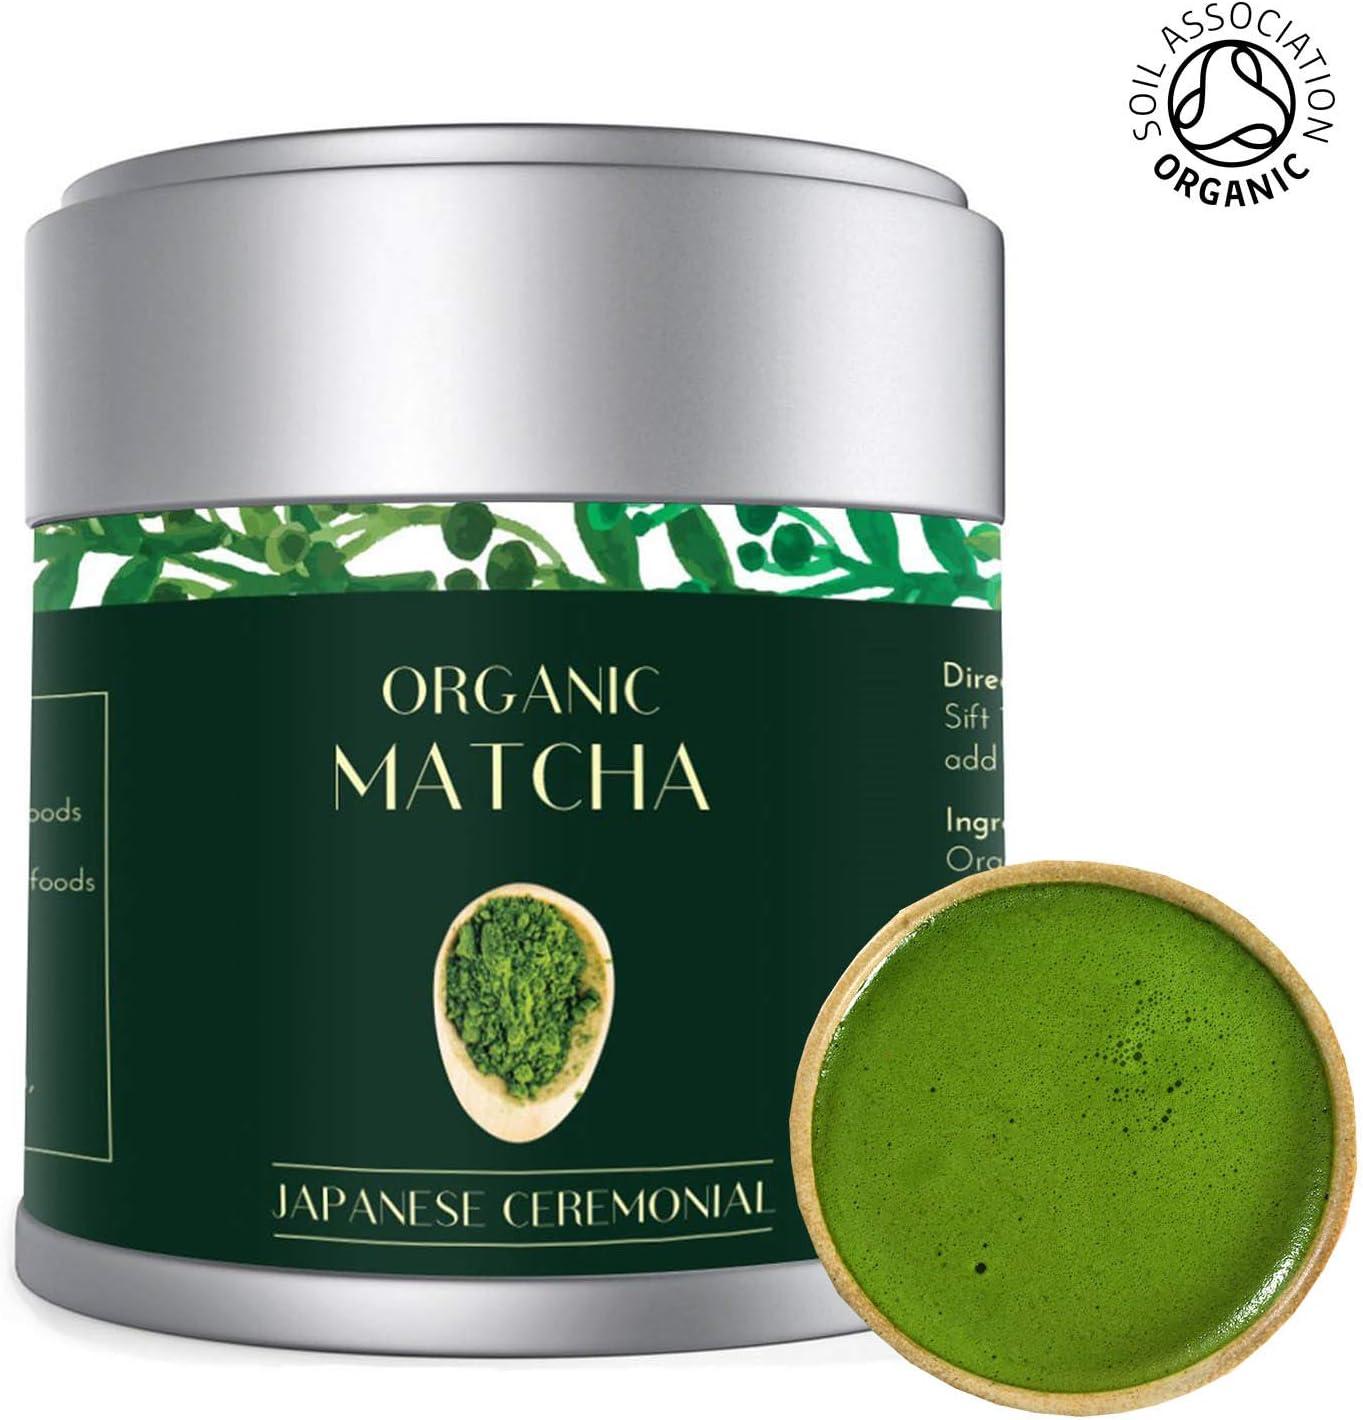 Té Verde Matcha - Orgánico 30g   Premio Ceremonial Japonés   Bio Orgánico certificado por JAS Japan EU Organic   Producto de Uji Kyoto Japan   Mejor para la pérdida de peso,